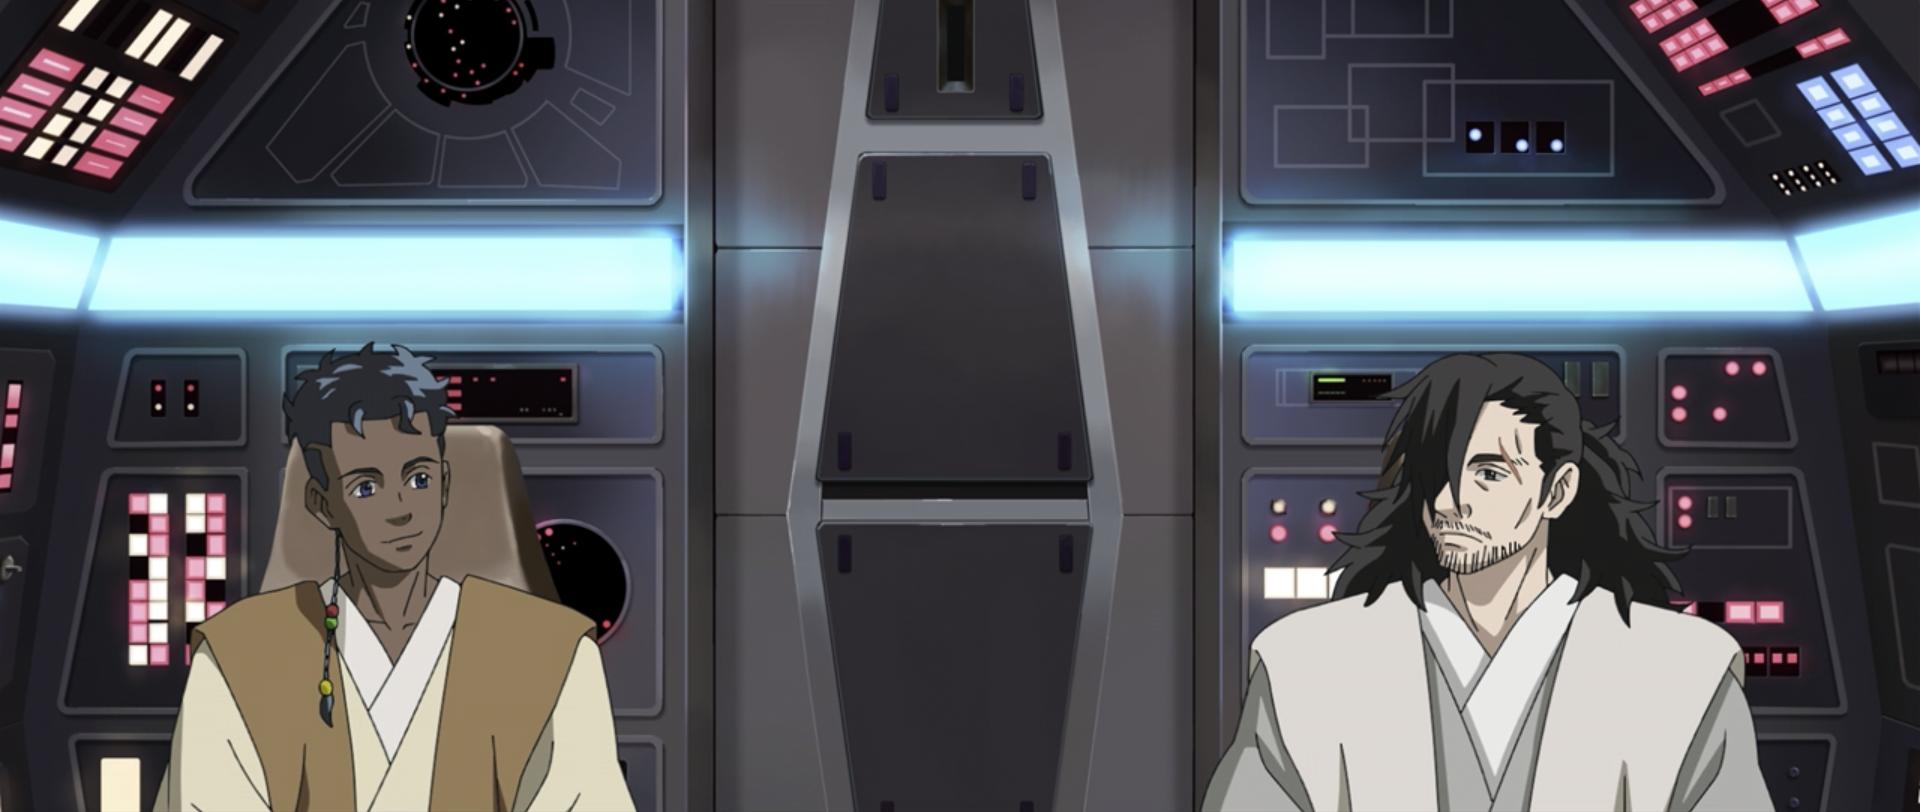 Padawan and Jedi Master